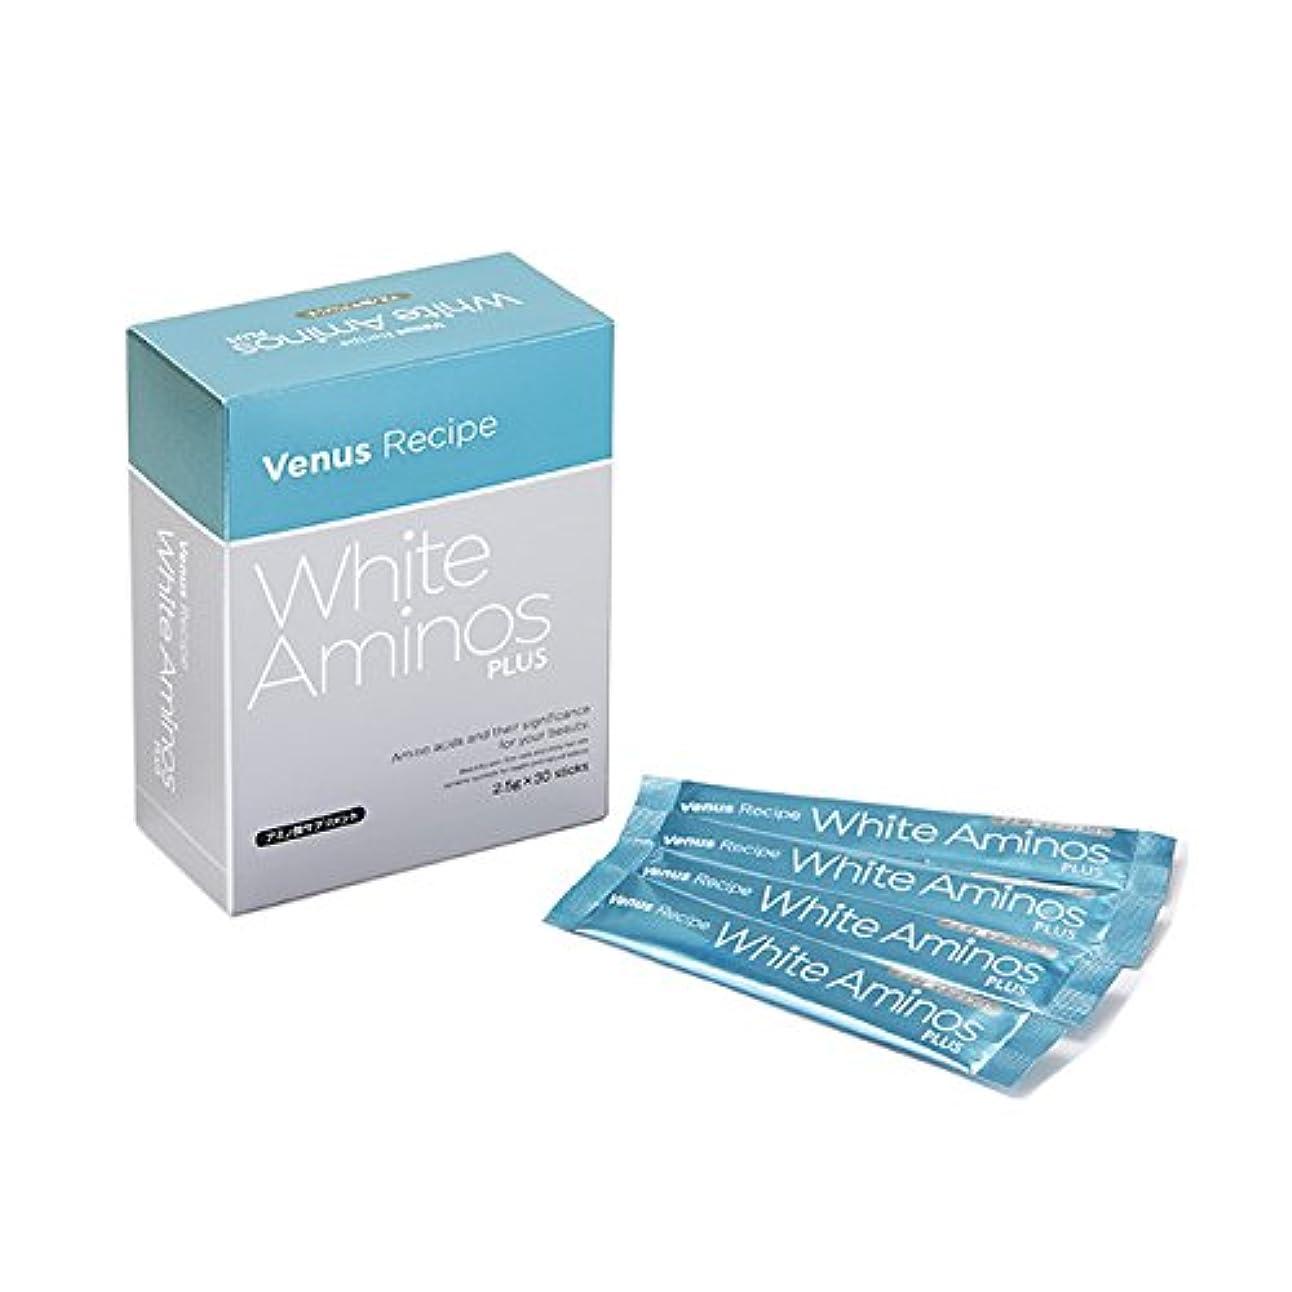 版純粋な再開アクシージア (AXXZIA) ヴィーナスレシピ ホワイト アミノズ プラス 75g(2.5g×30包)| アミノ酸